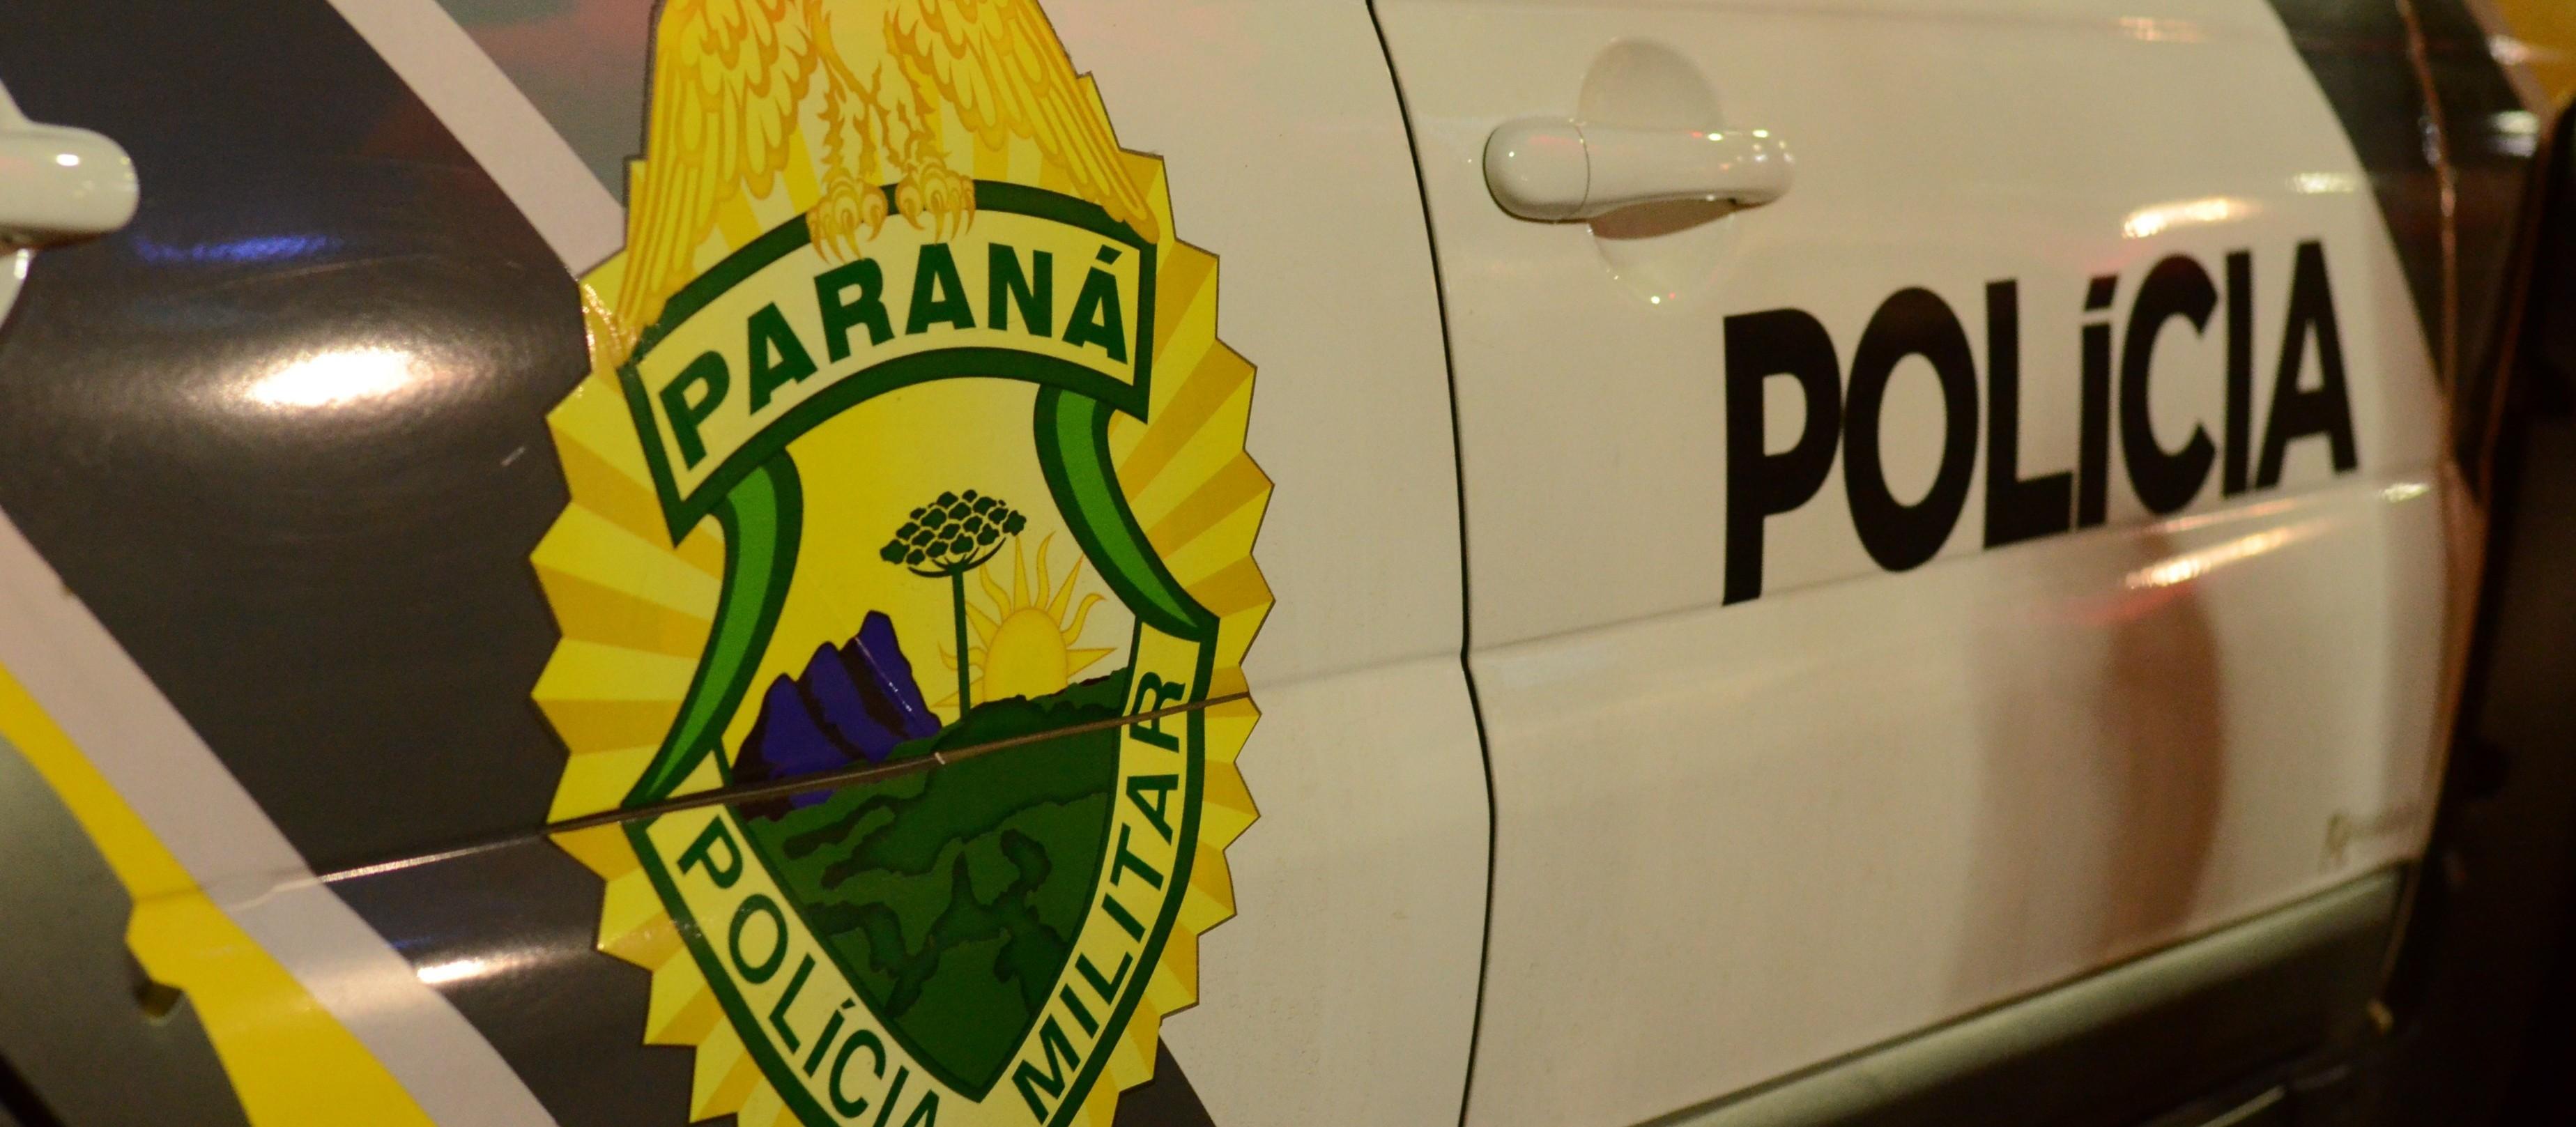 Após roubo, criminosos são presos em Maringá